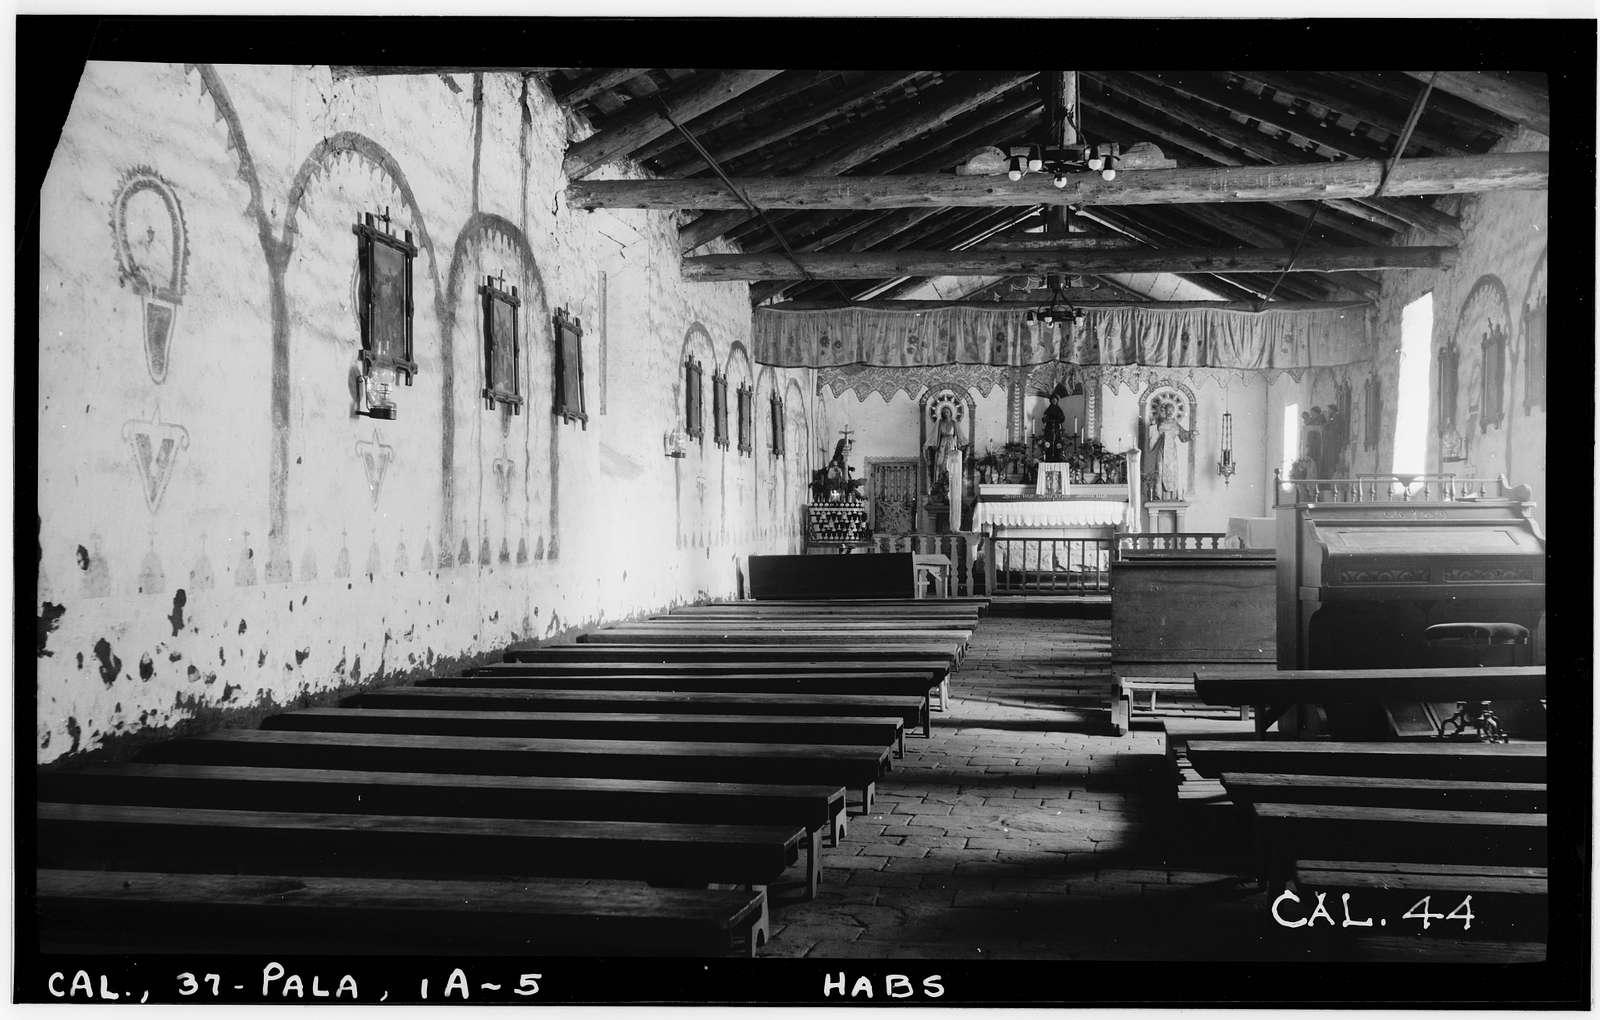 Asistencia of San Antonio de Pala, Mission Road, Pala, San Diego County, CA